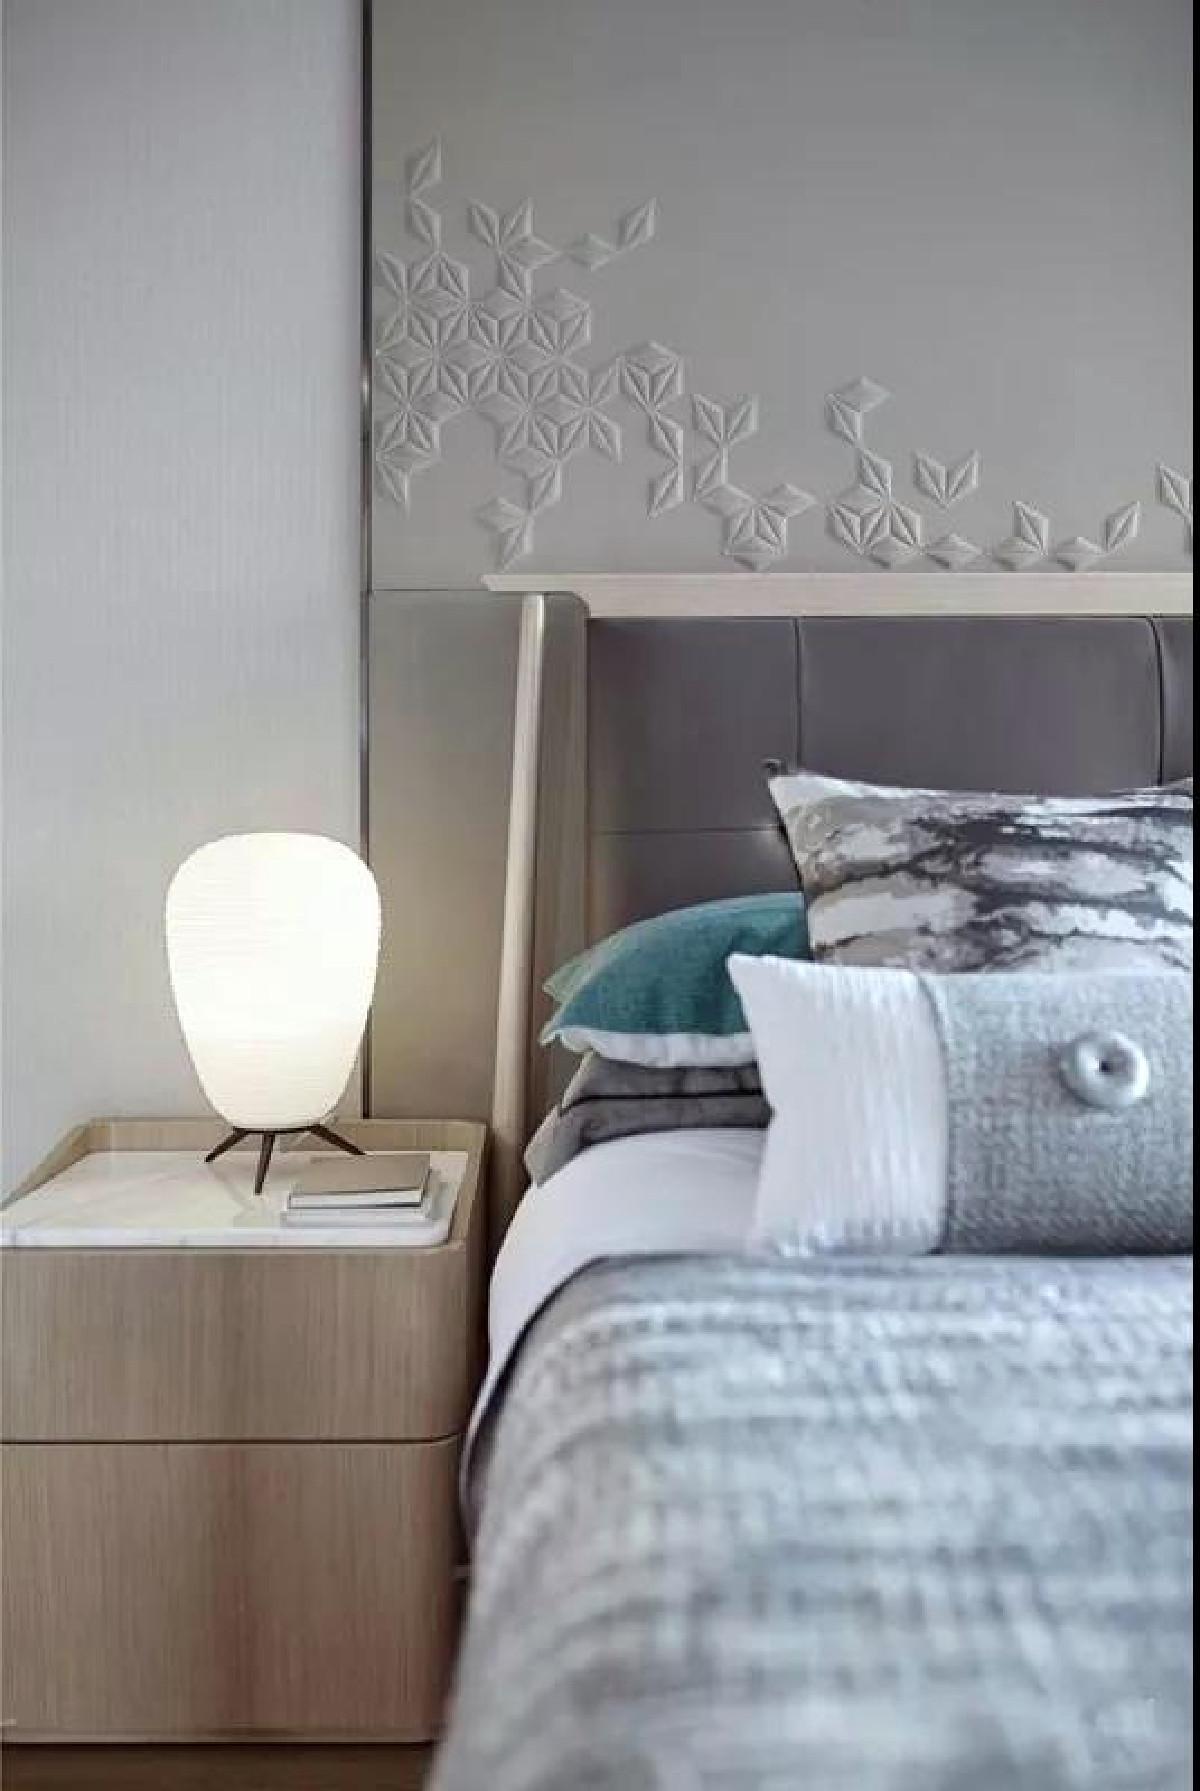 飘窗从视觉上扩大了居室面积,也是休闲的好地方